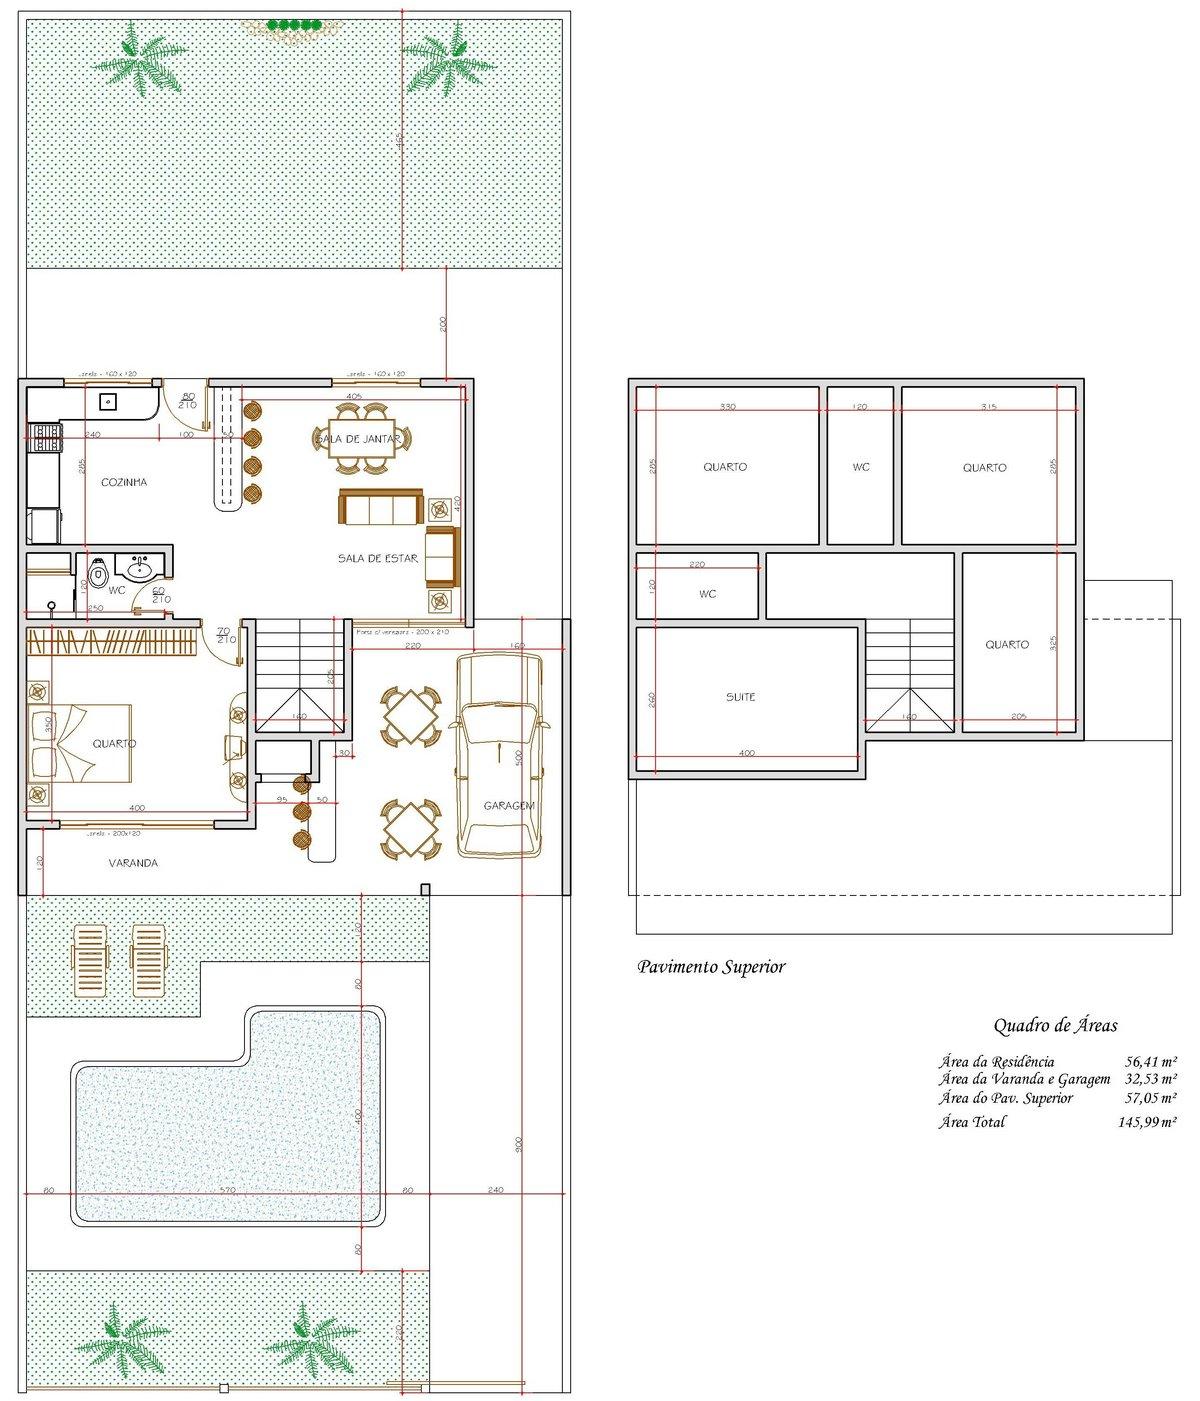 Decoração e Projetos – Projetos de sobrados com 4 quartos grátis #825018 1200 1401